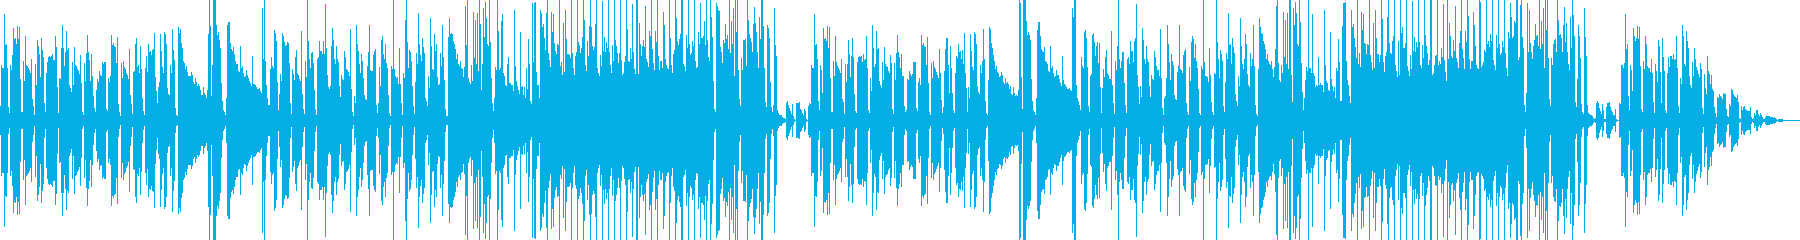 ちょい怪しげな雰囲気のジャズブルースの再生済みの波形